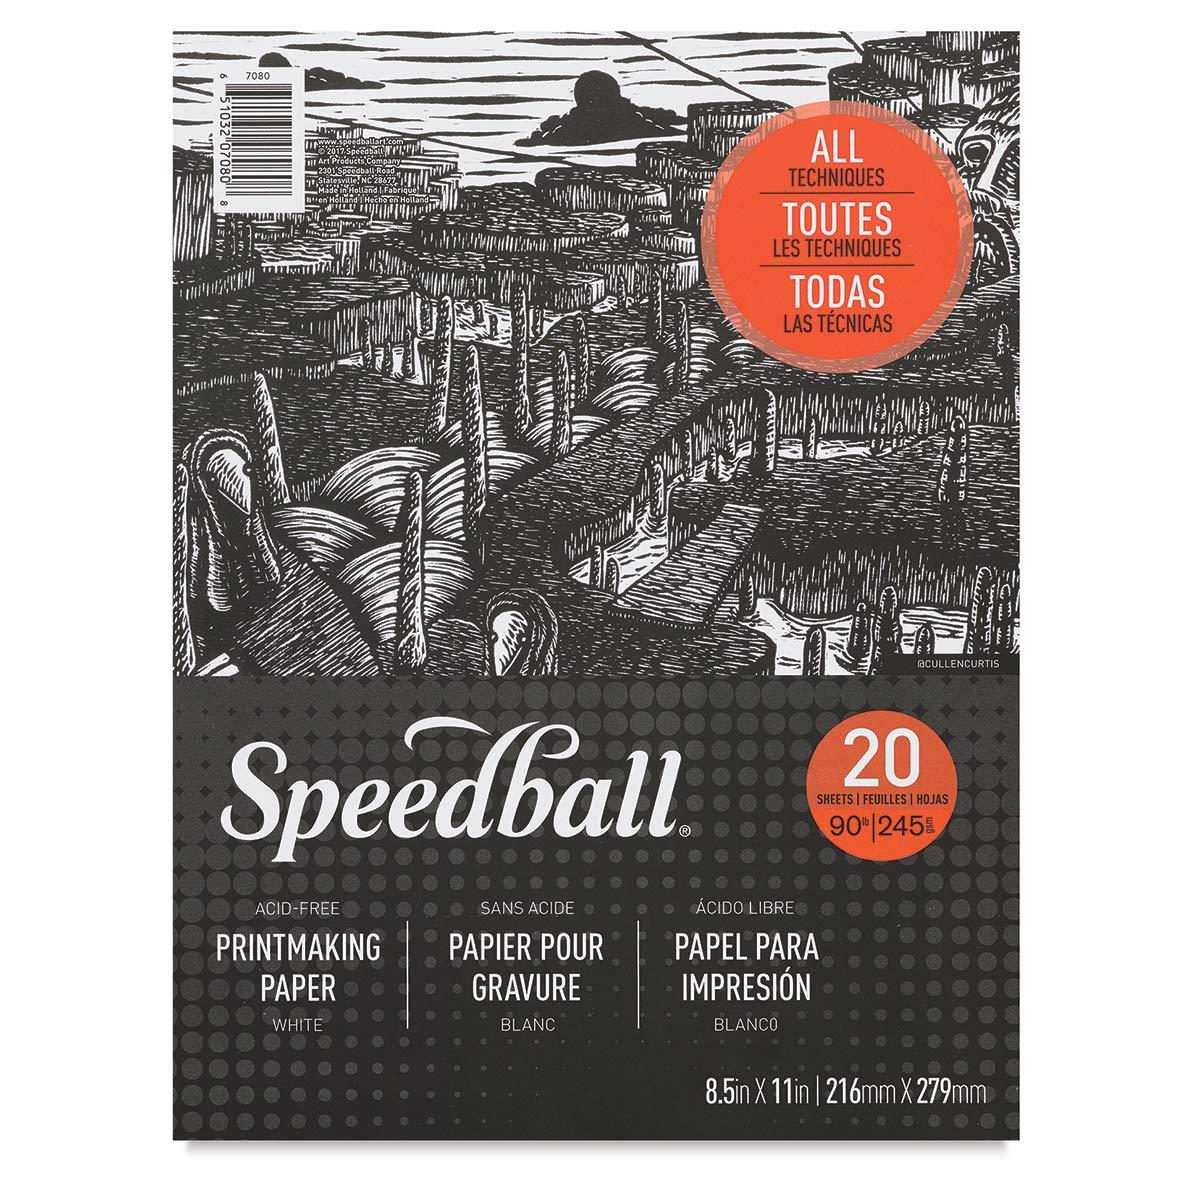 Speedball Printmaking Pad - 8-1/2 x 11, 20 Sheets, 90 lb